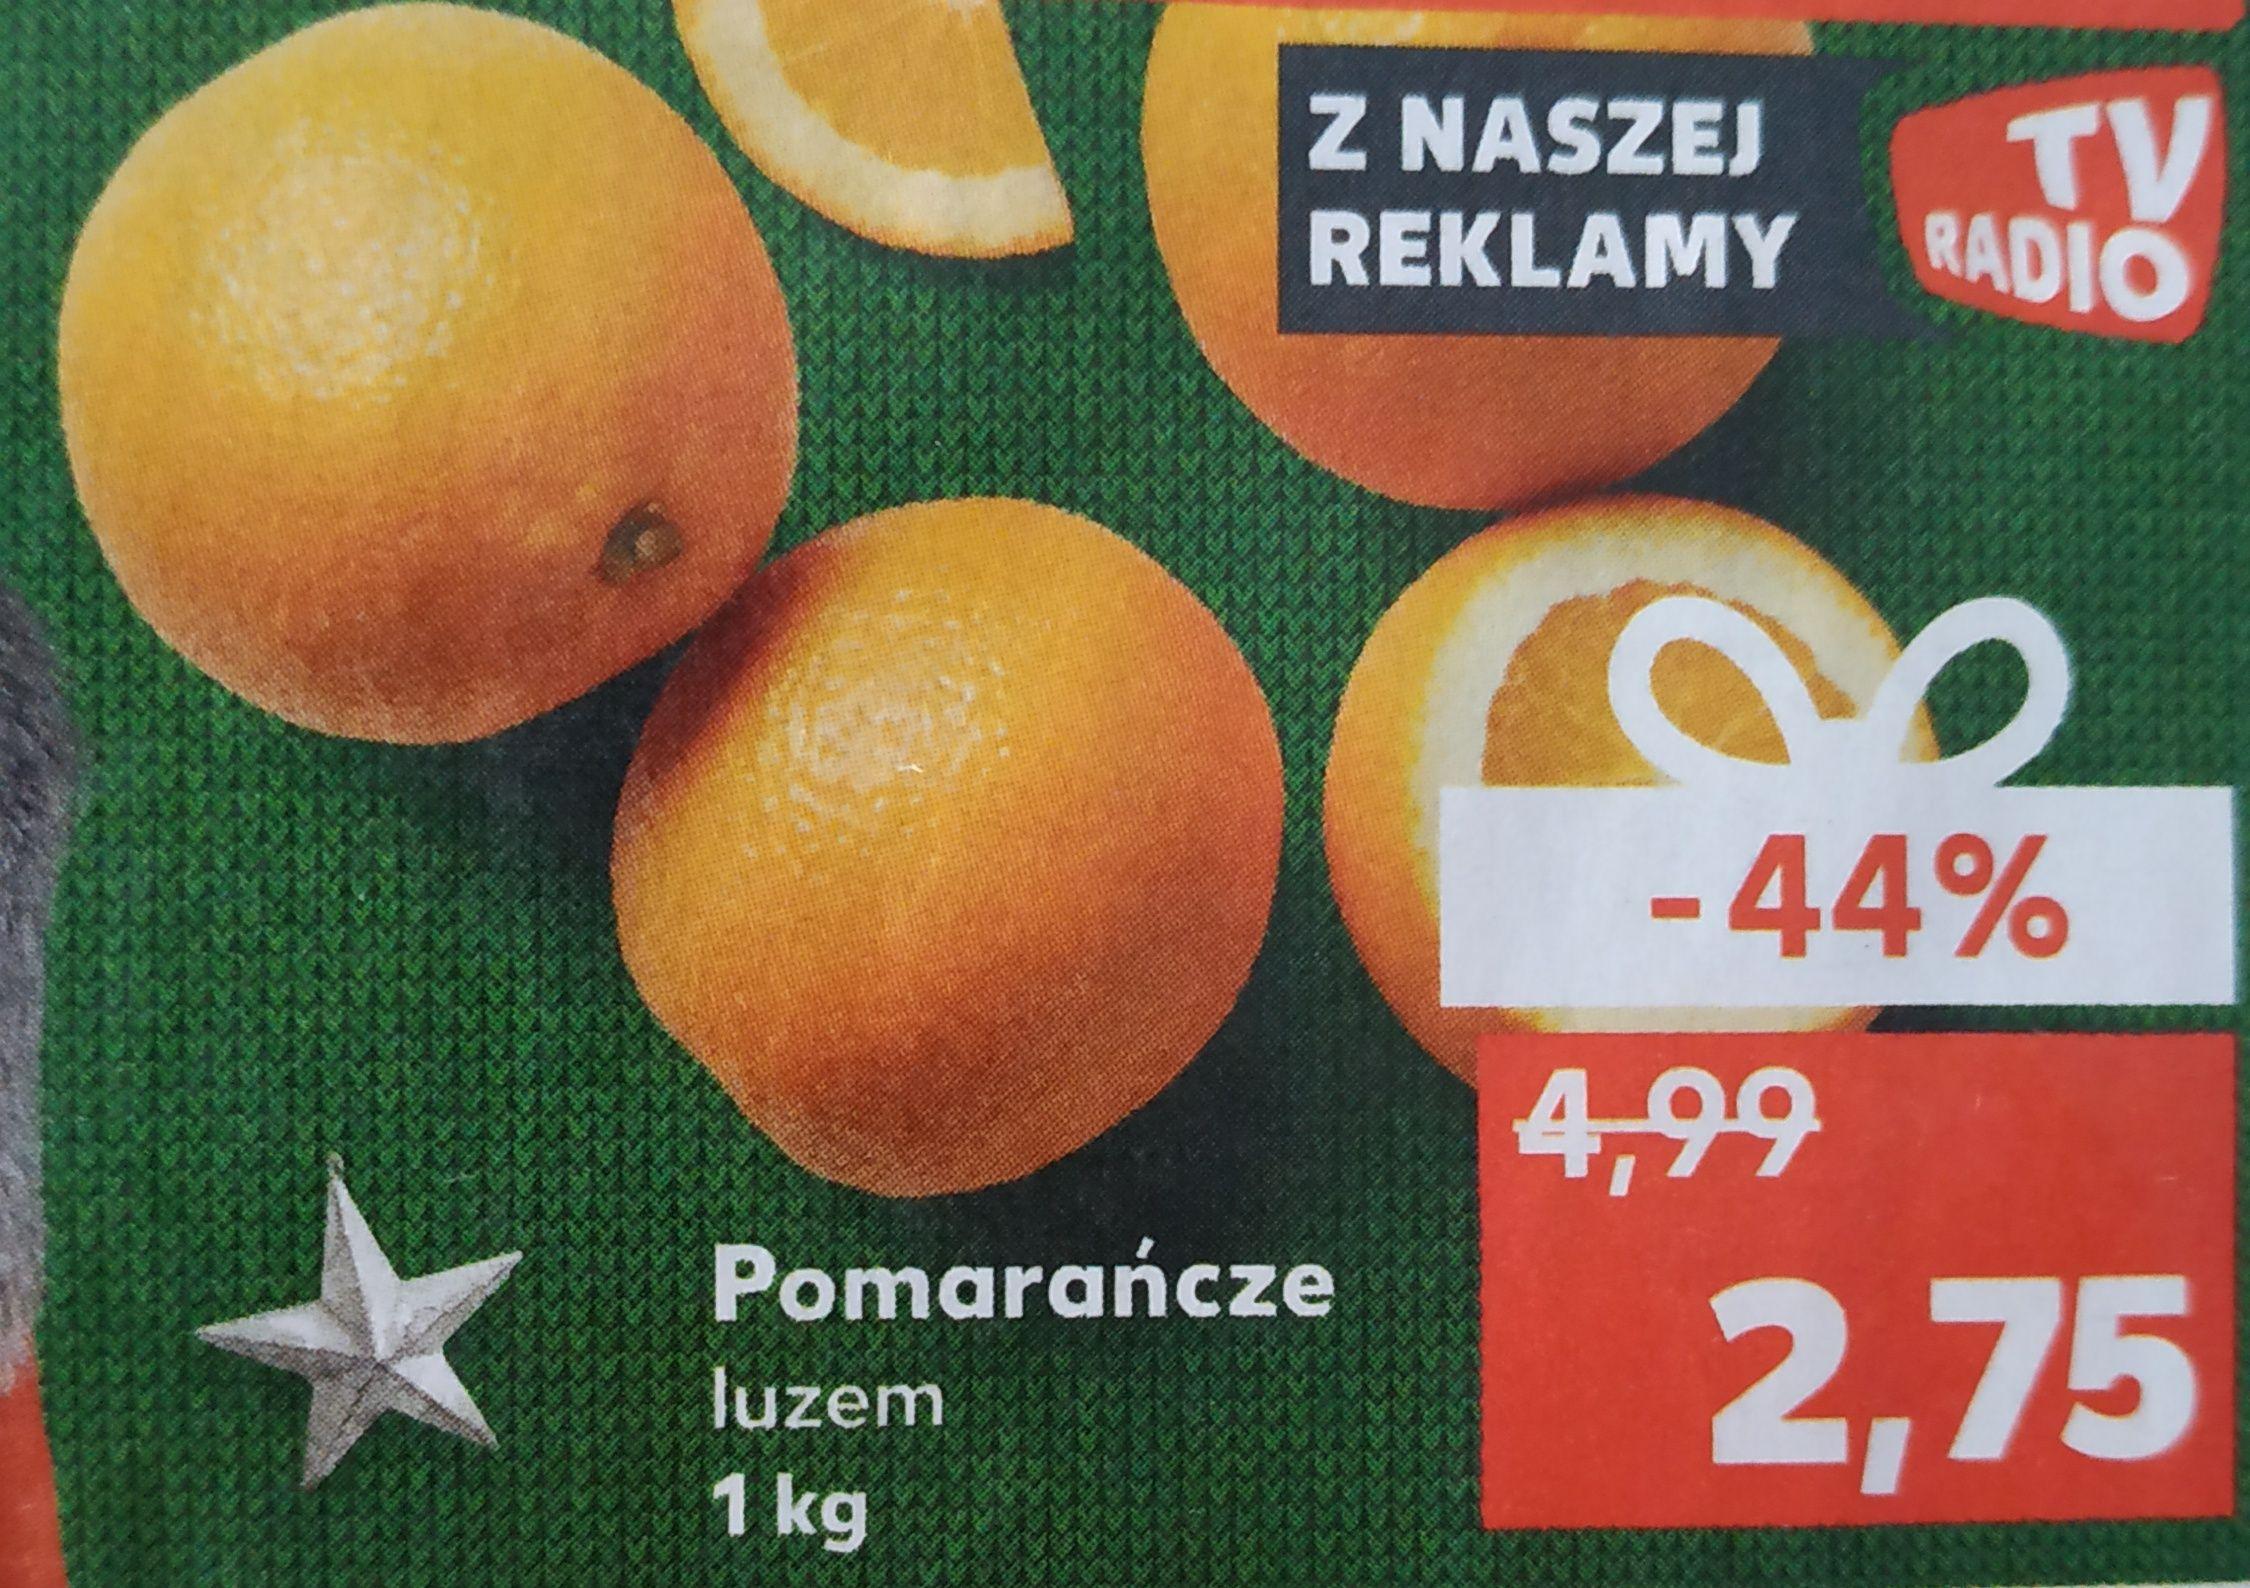 Pomarańcze luzem cena za 1kg Kaufland